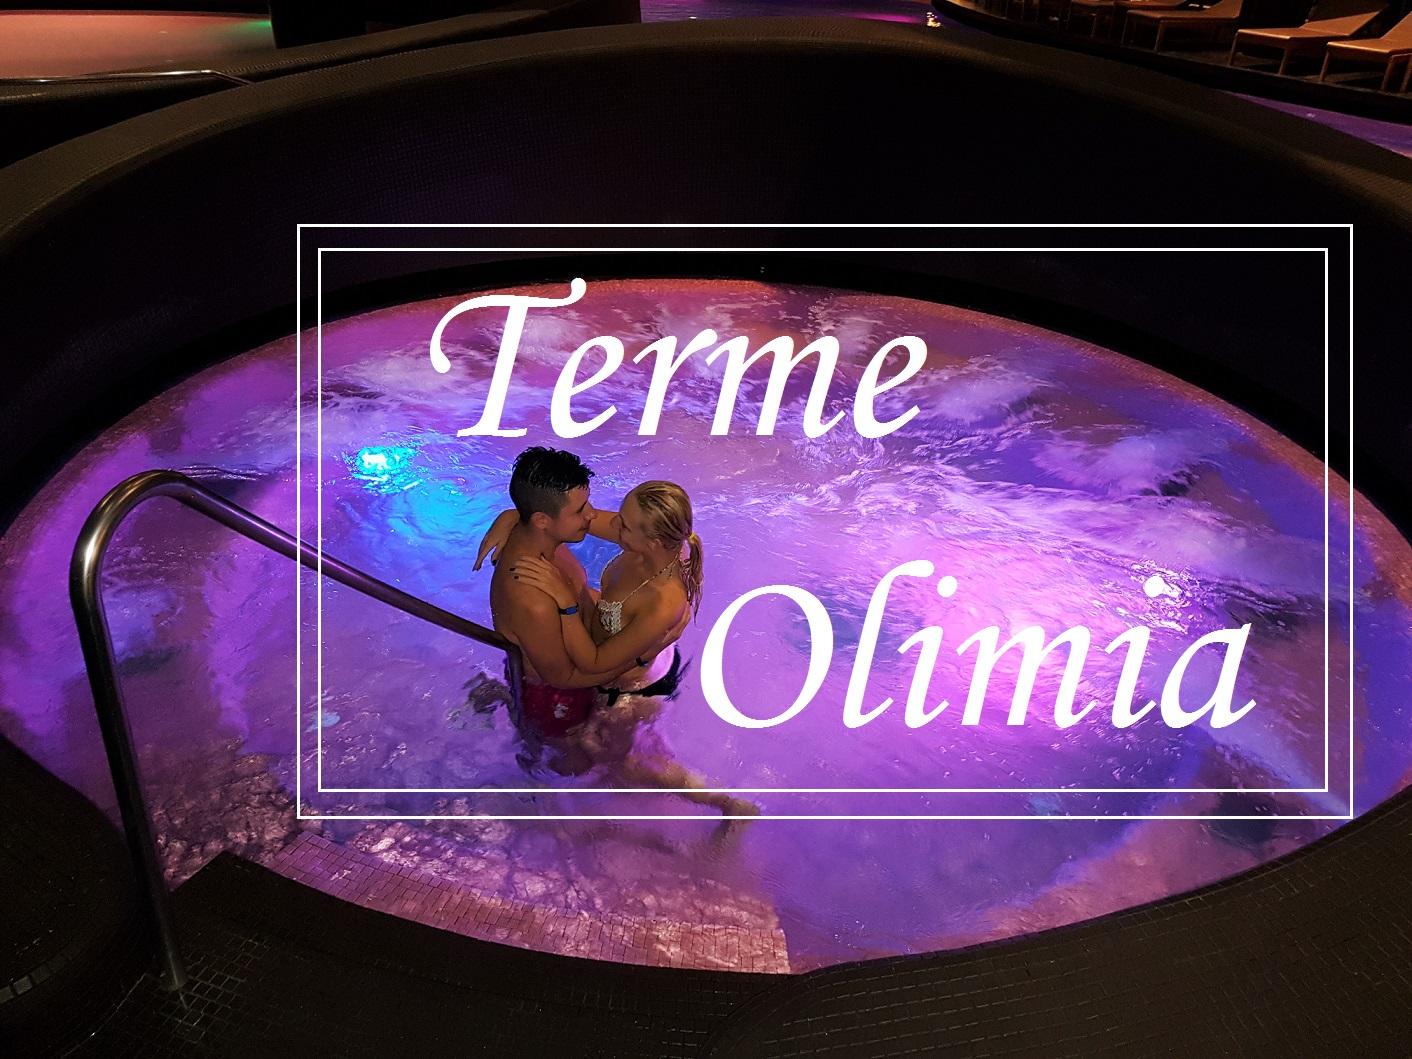 Spa centar u hotelu Sotelia Ohridelia Wellness i predivne Terme Olimia u Sloveniji kao idealno mesto na kojem možete provesti romantičan vikend ili medeni mesec pun uživanja